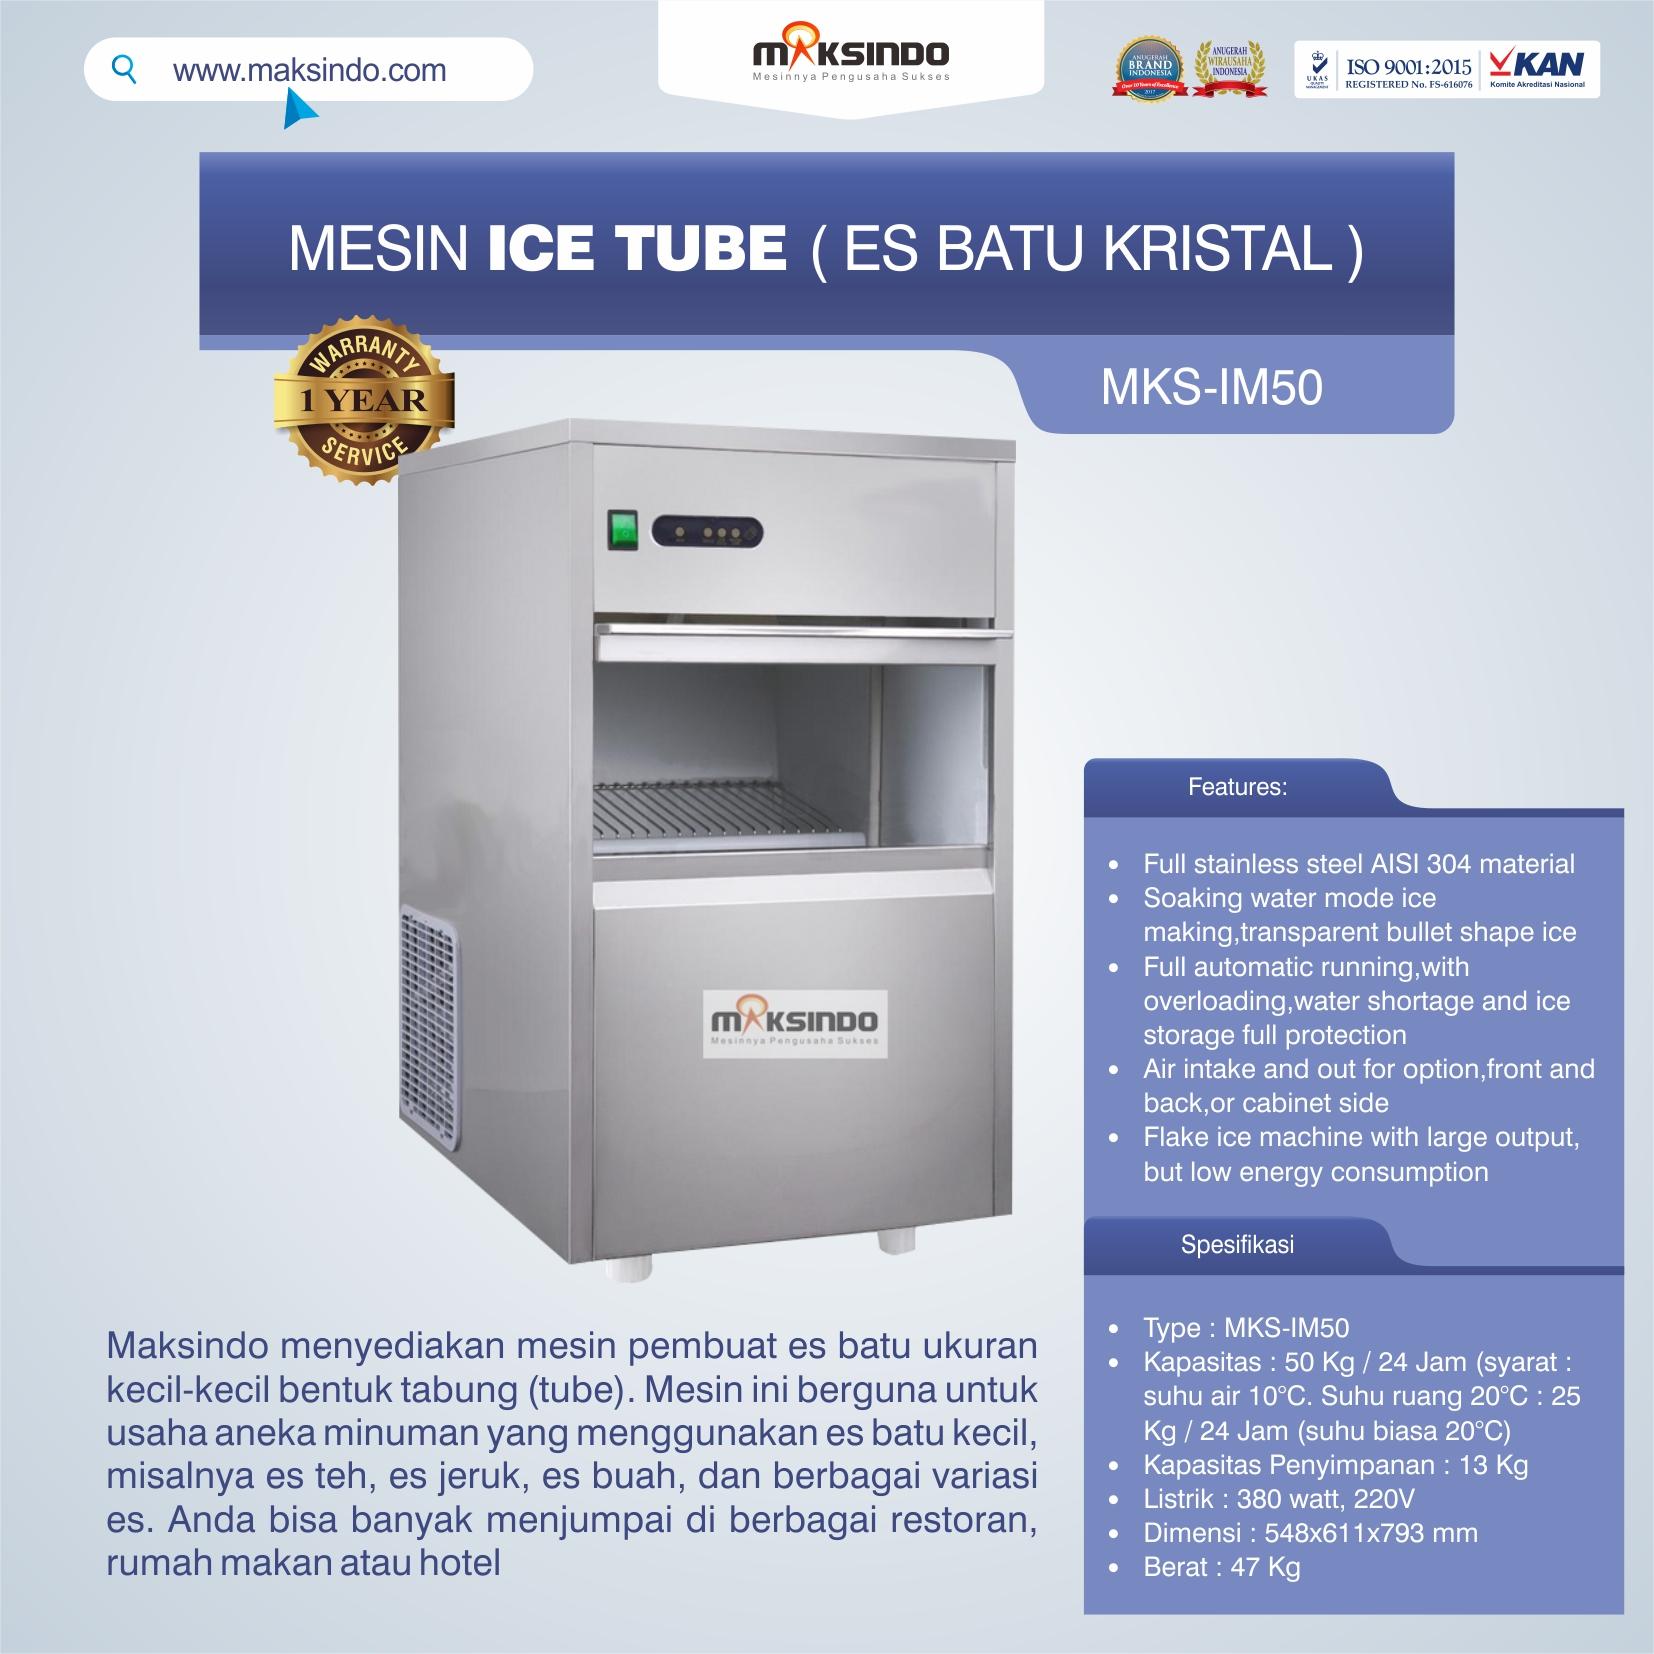 Jual Mesin Ice Tube (Es Batu Kristal) di Bali